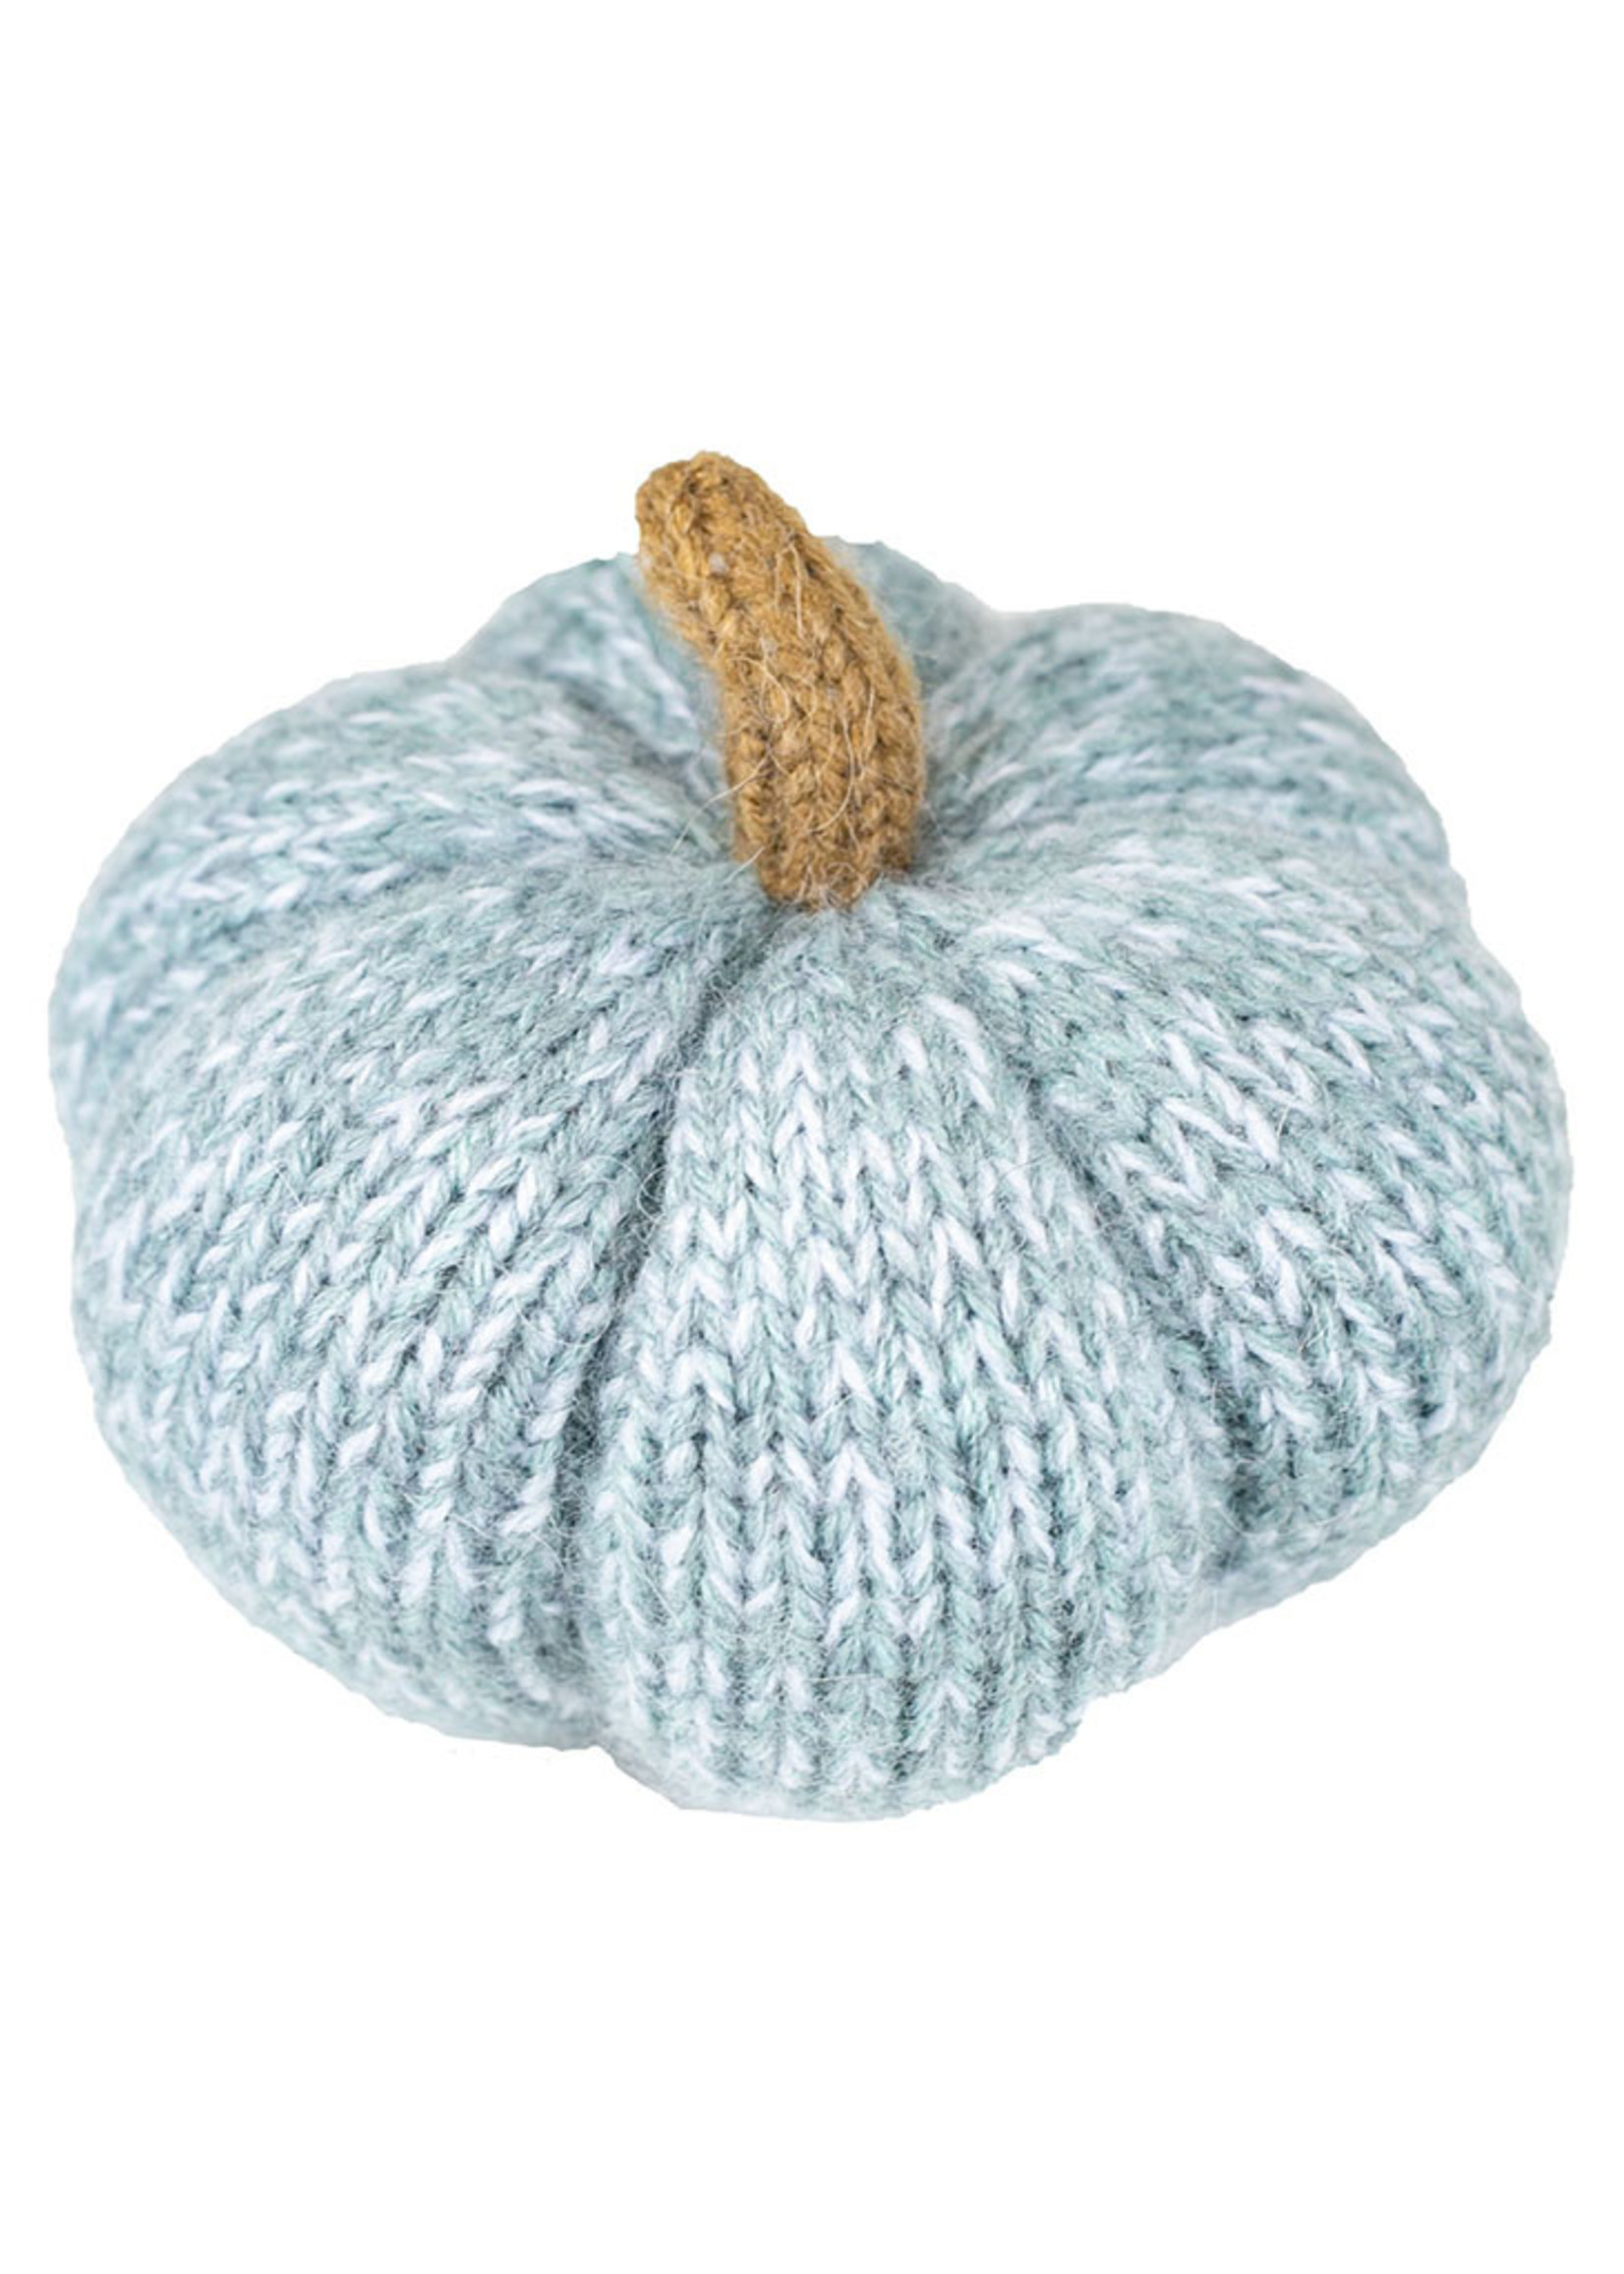 Blue Knit Pumpkin